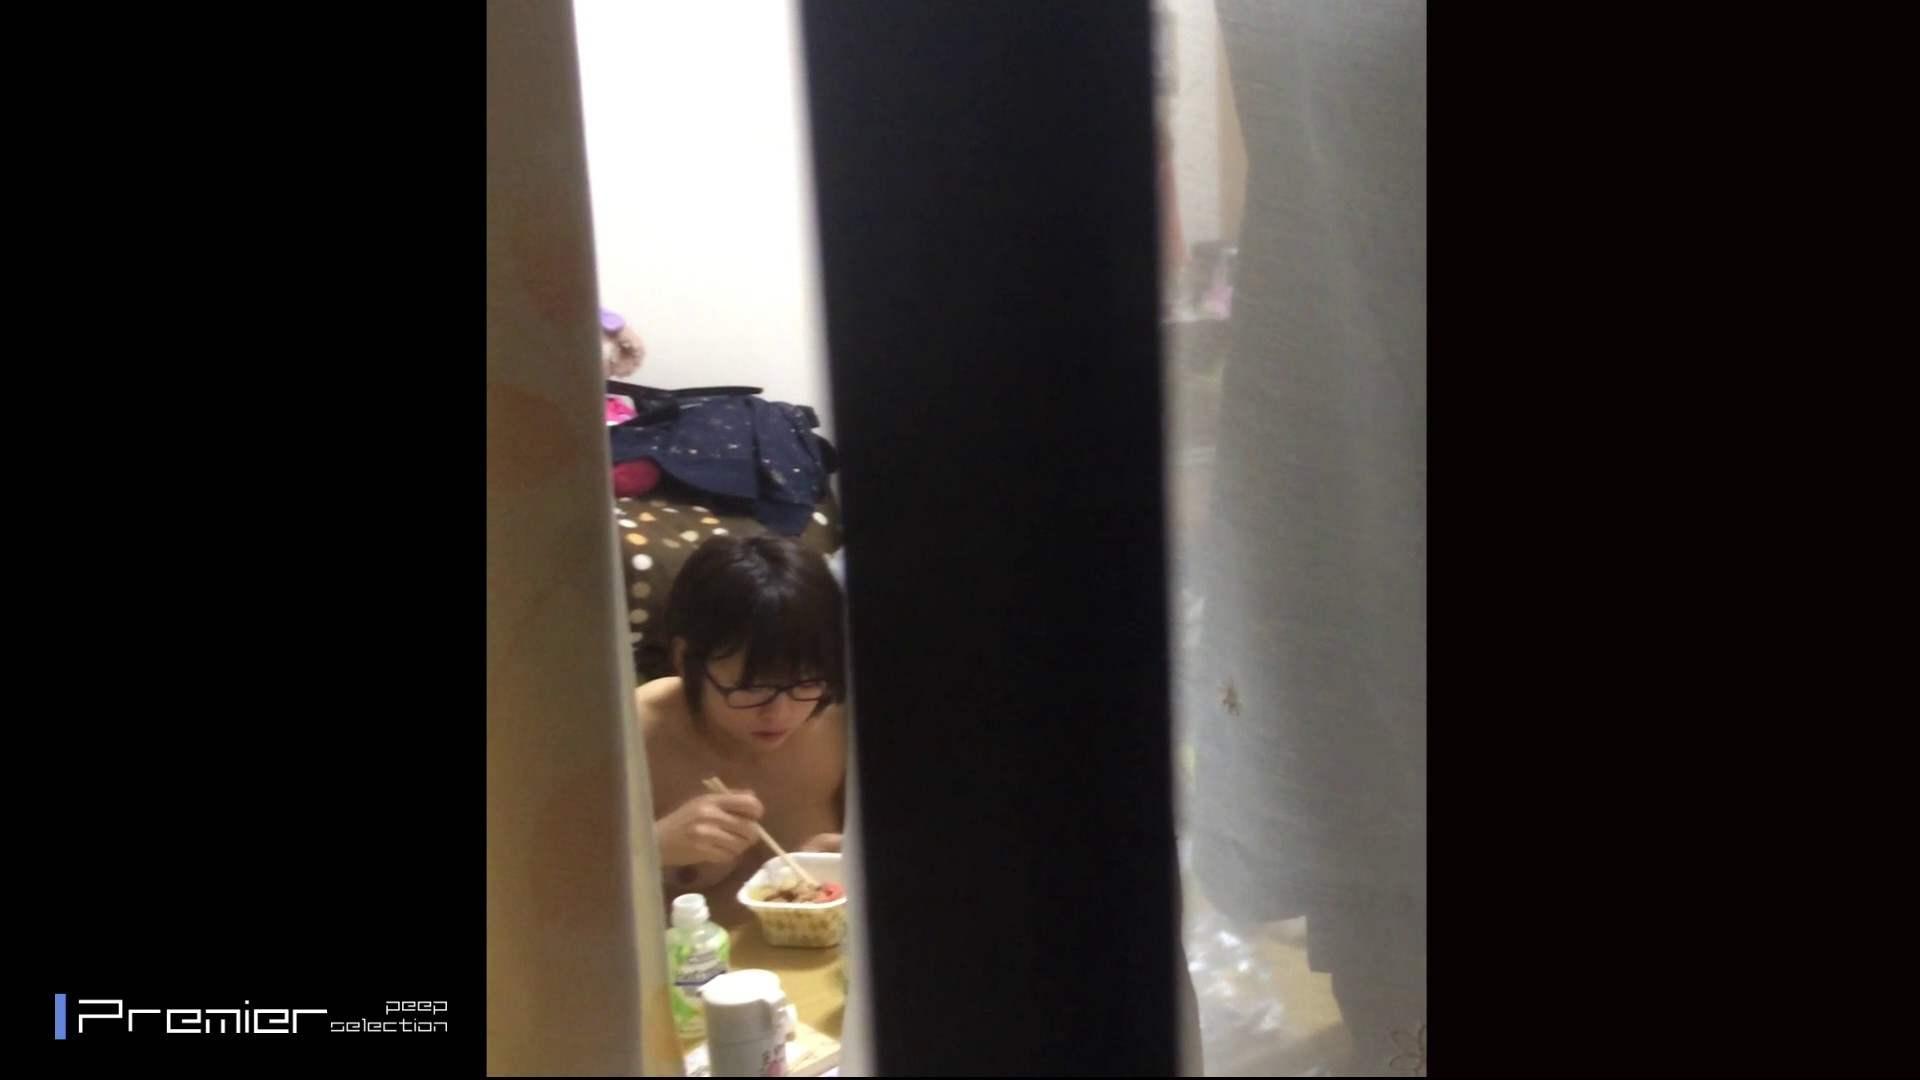 眼鏡美女の食事を隠し撮り 乙女の風呂場 Vol.05 美女達のヌード | 入浴シーン  95連発 90